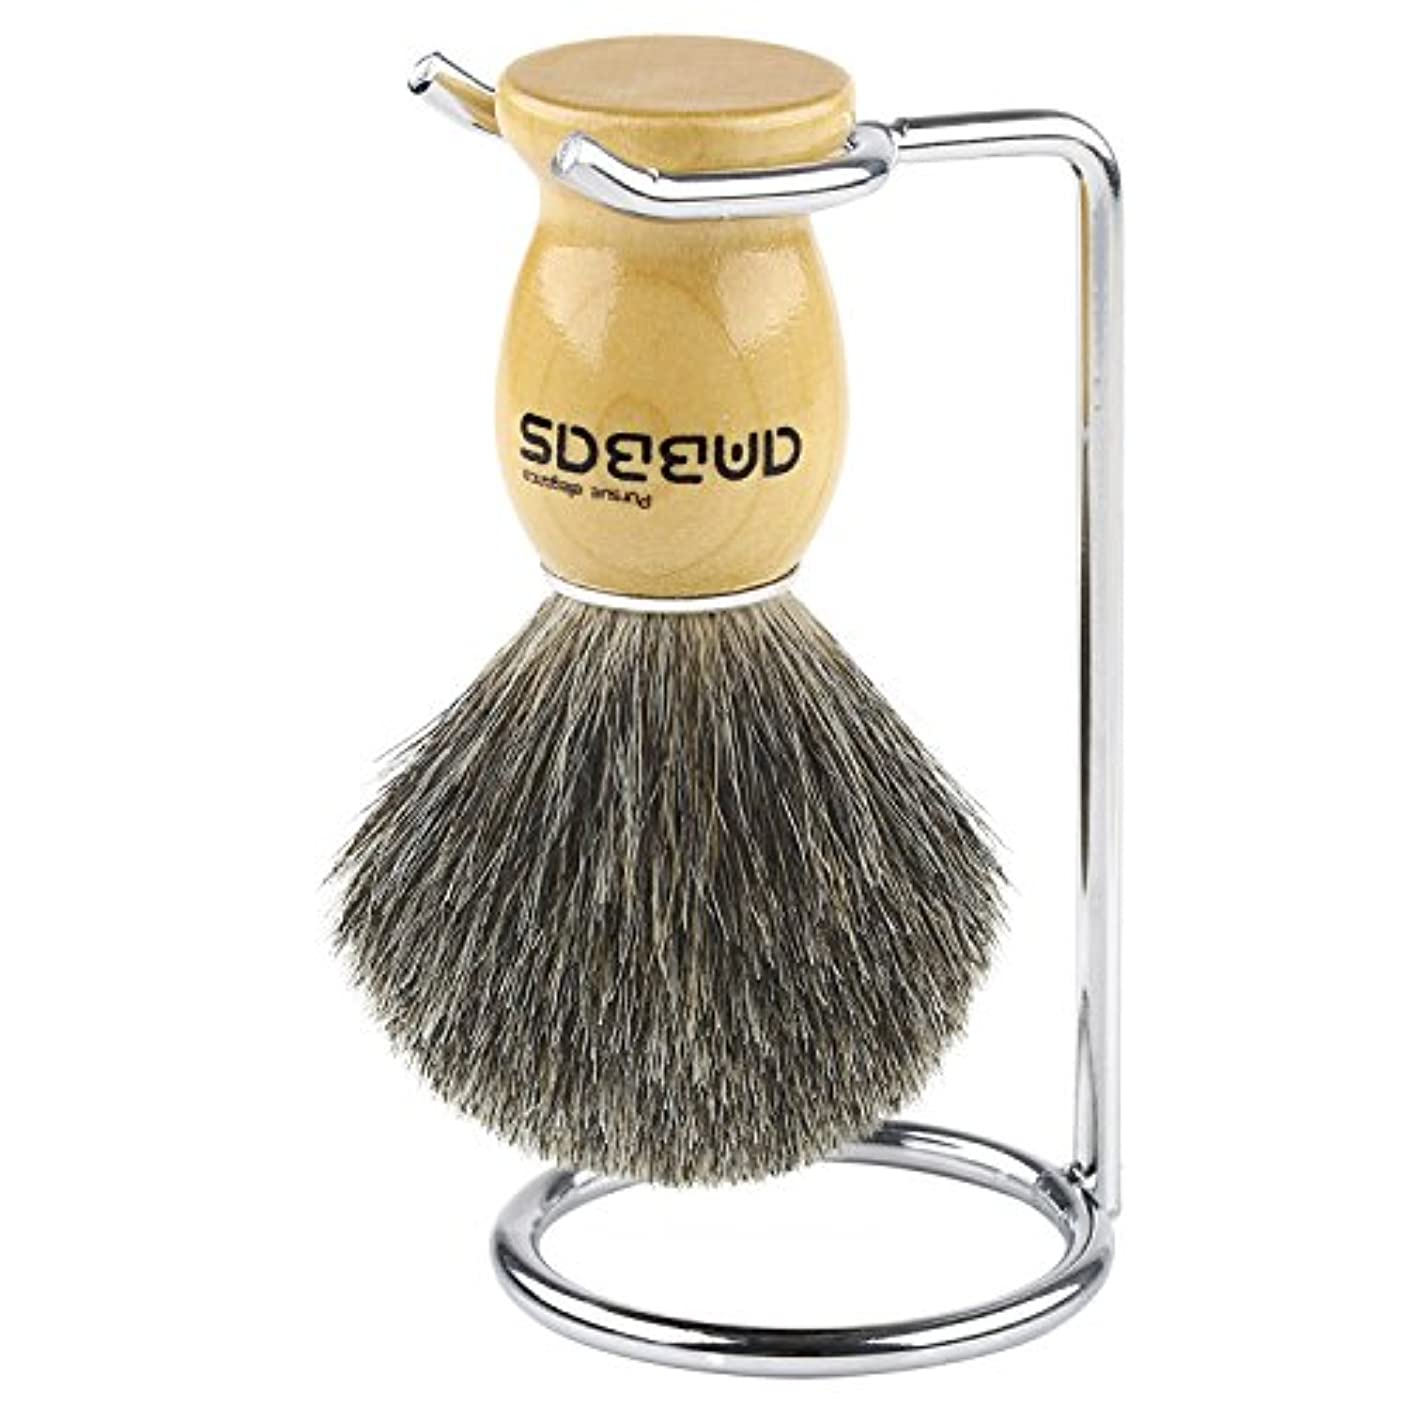 エスカレートく狭いAnbbas シェービングブラシセット アナグマ毛 ブラシ+スタンド 2点セット メンズ 髭剃り 泡立ち 洗顔ブラシ